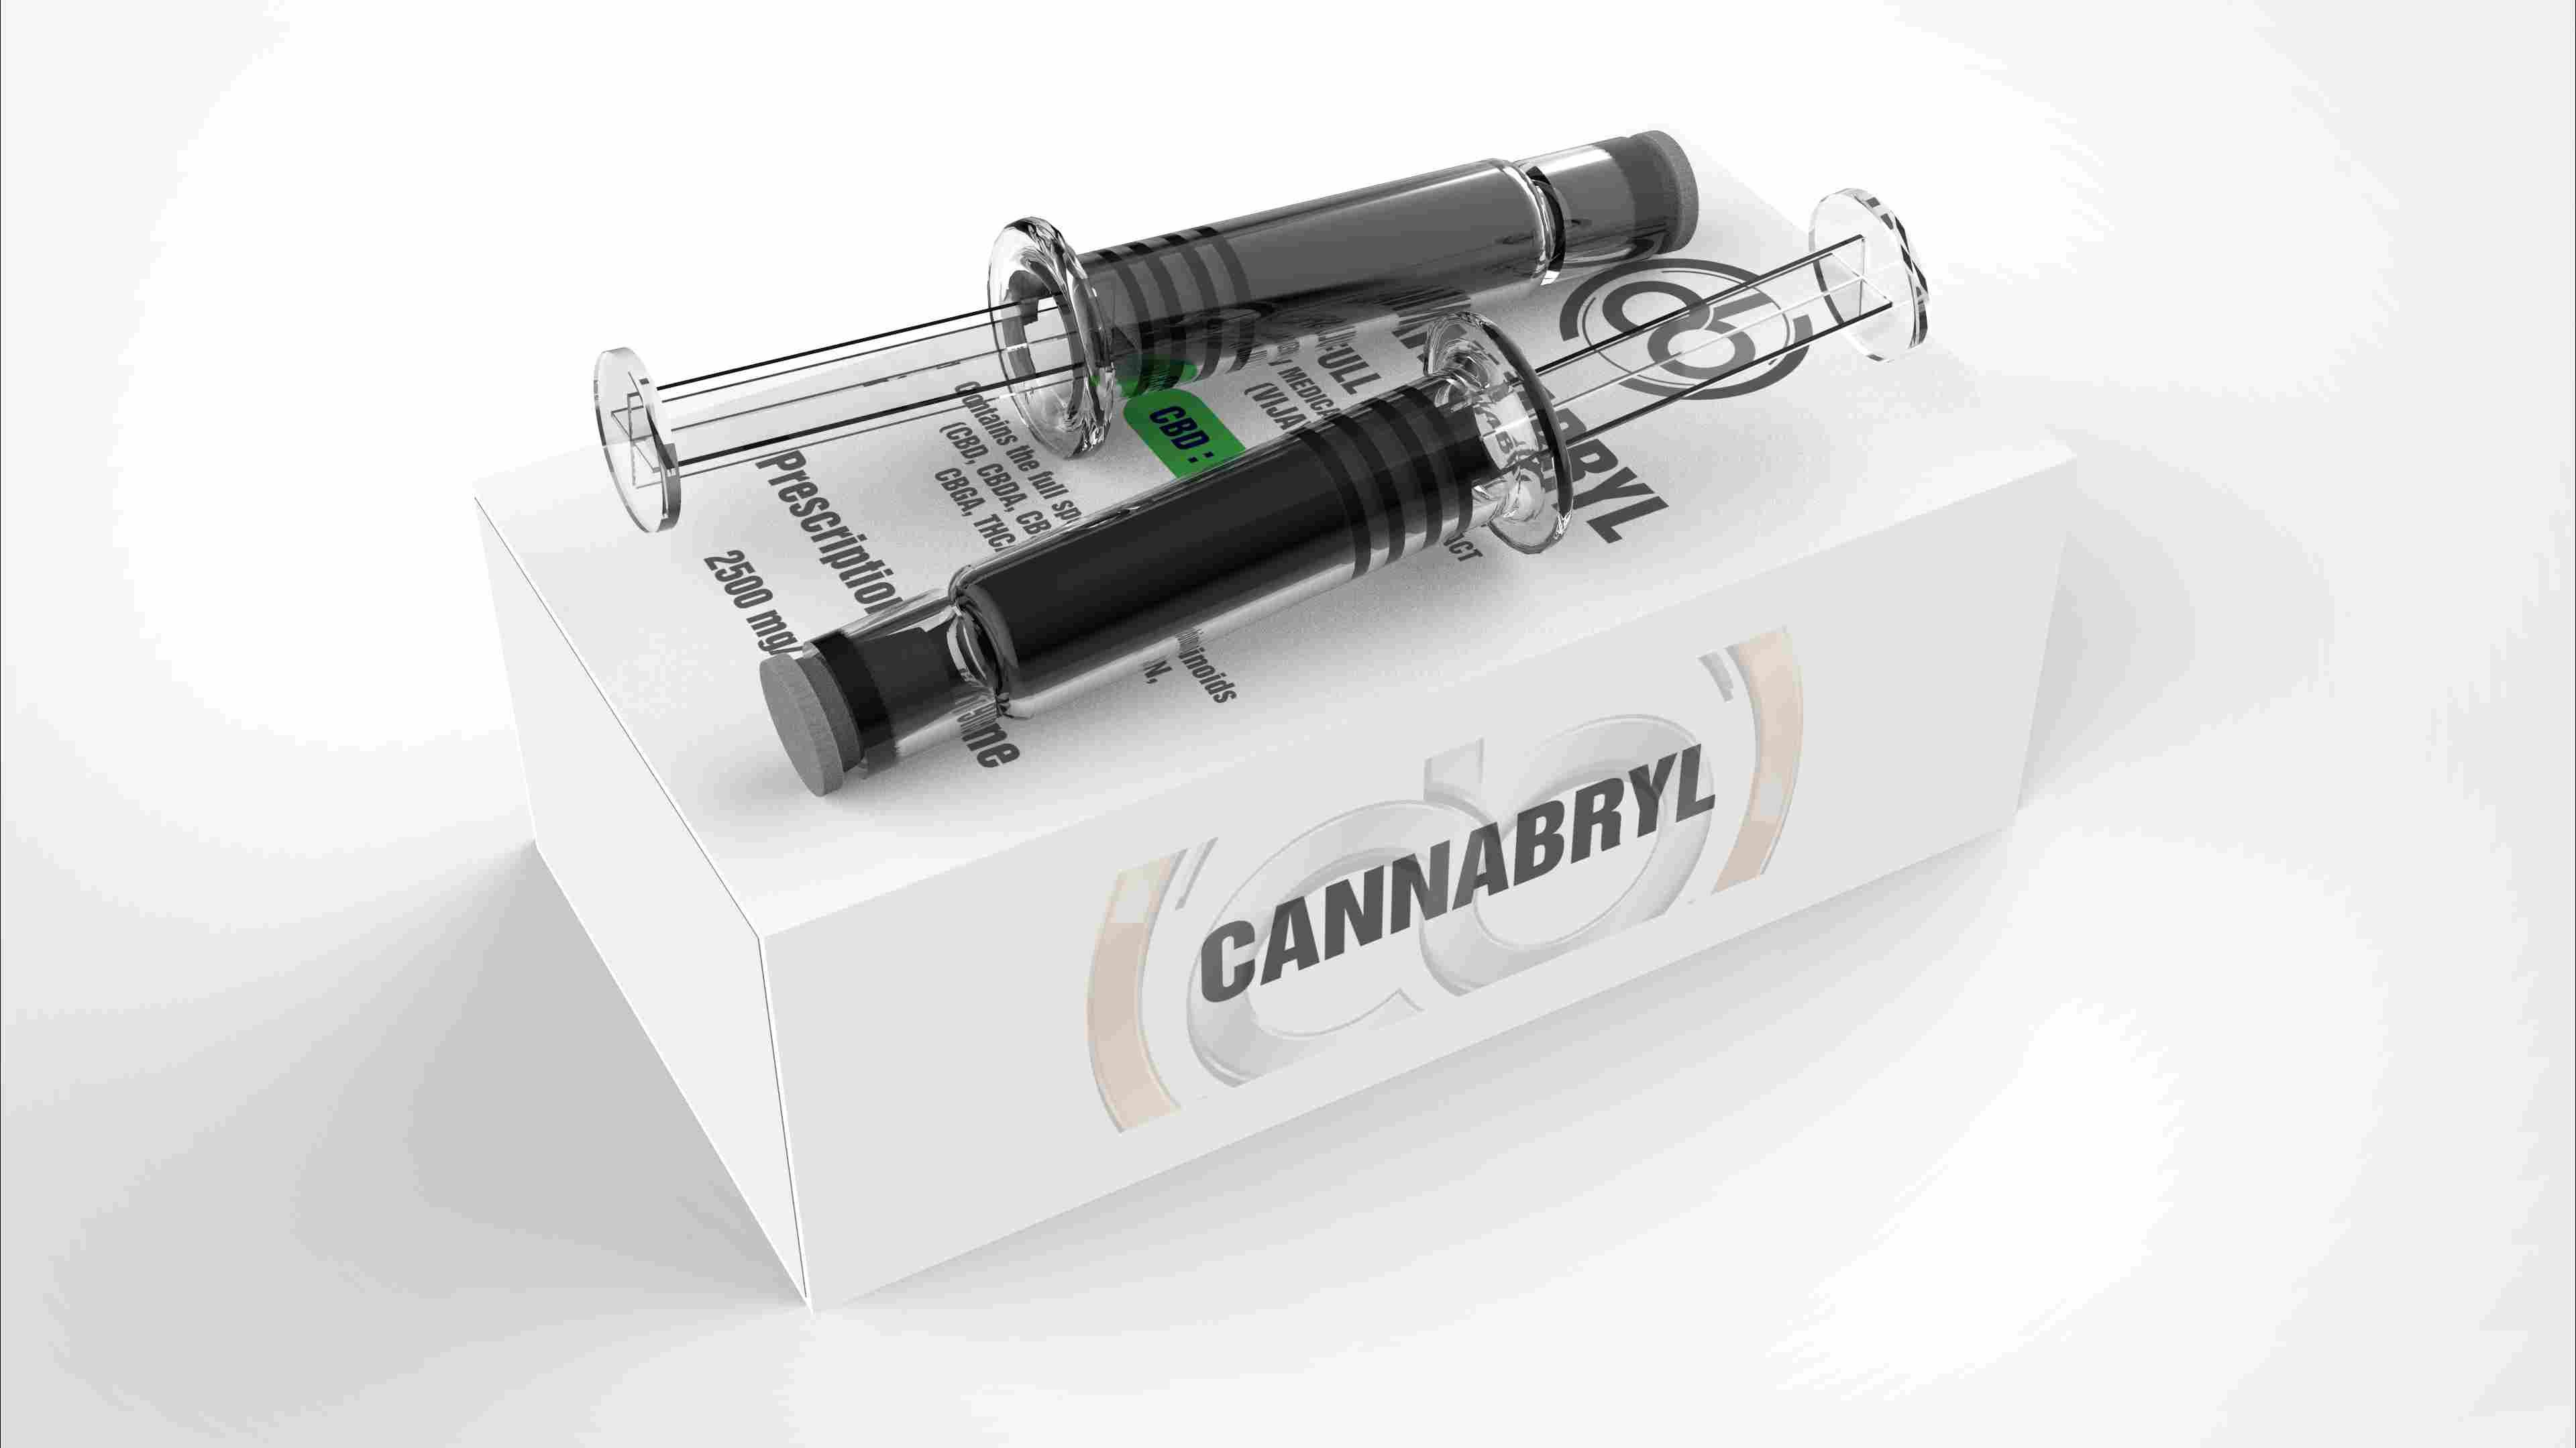 SPV-4000-Cannabryl-Dewaxed-Cannabis-Extract-41-CBD-Rich-10-ML